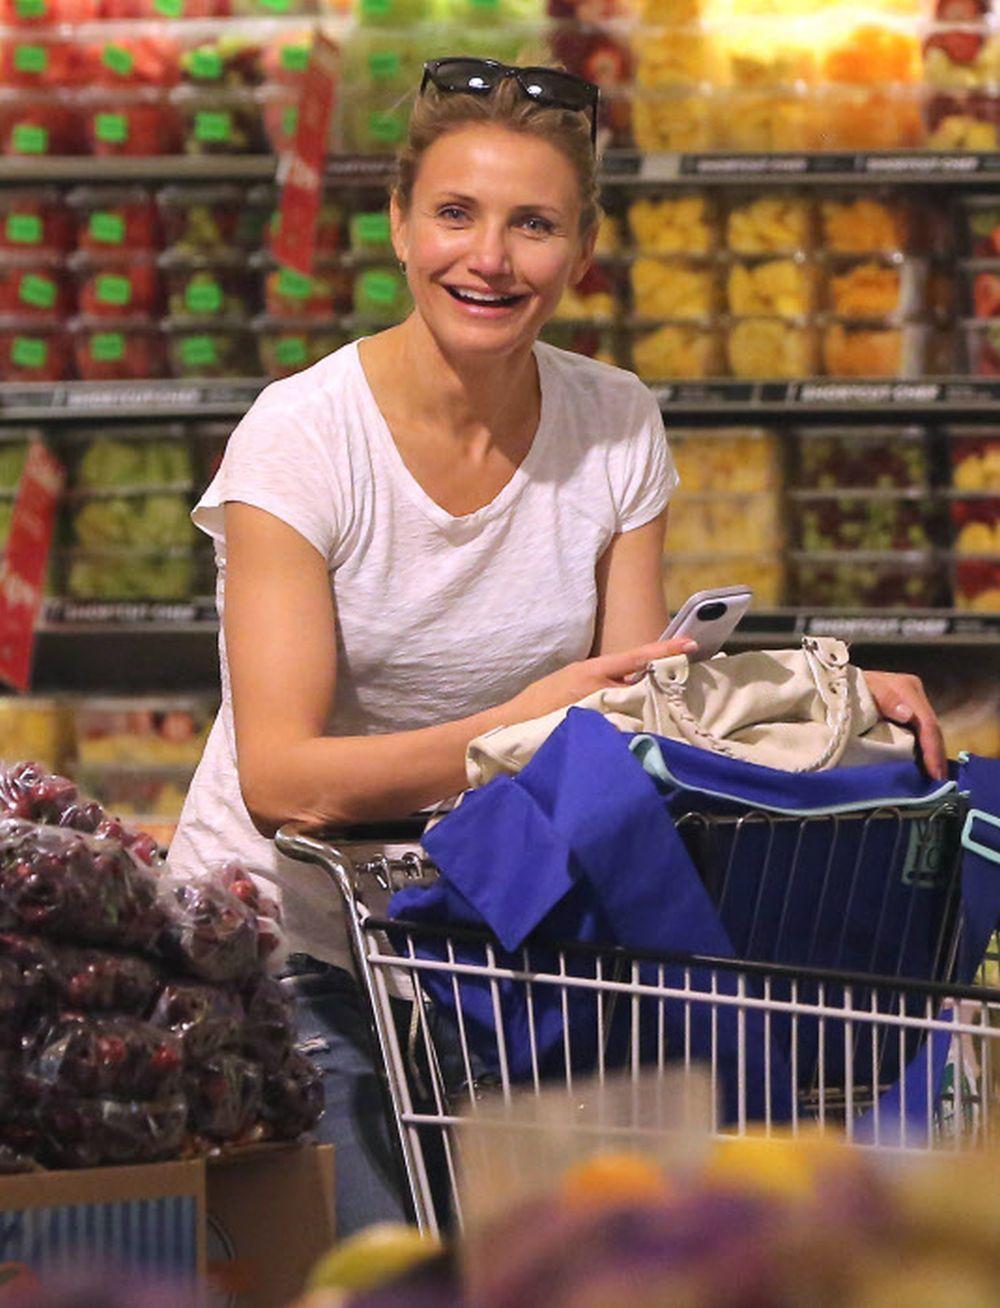 Si no haces una buena compra y no cocinas, nunca vas a comer bien y menos, vas a poder hacer una dieta correctamente